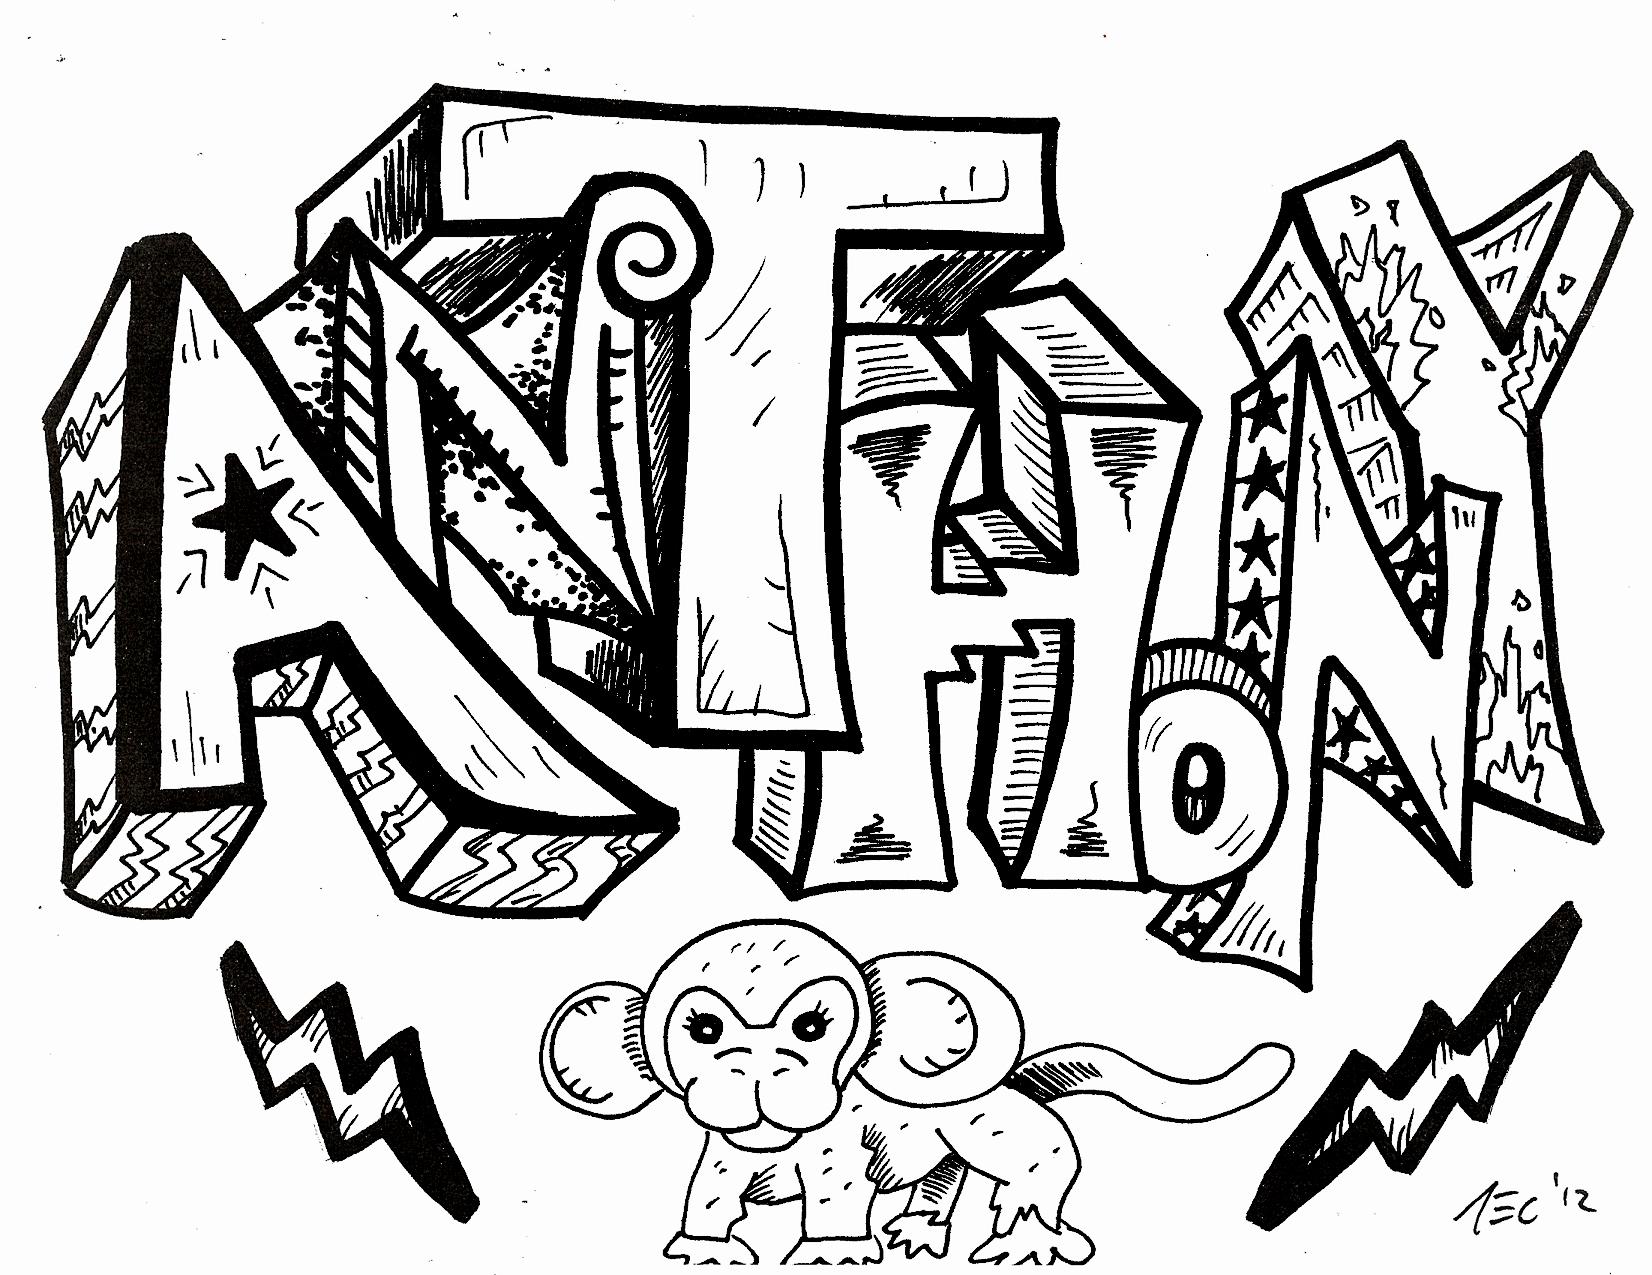 1652x1275 Graffiti Letters